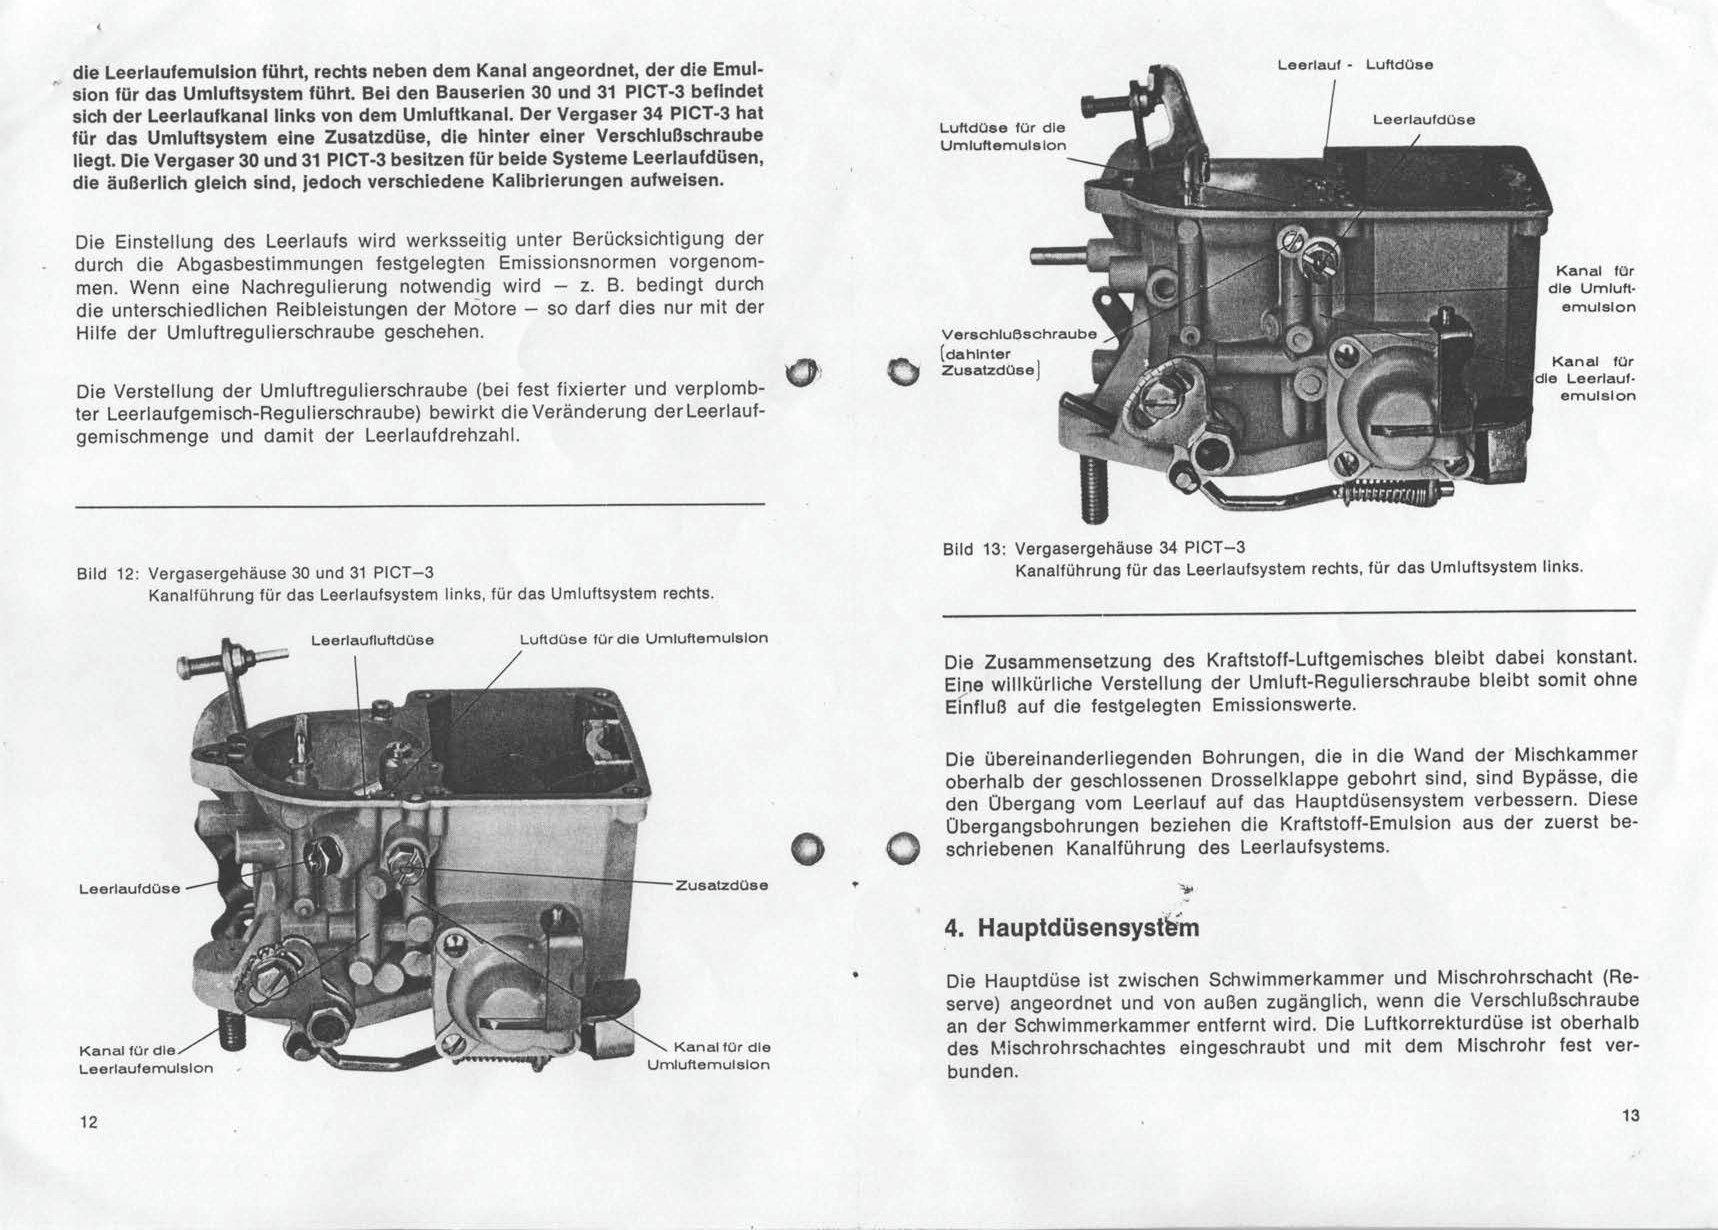 thesamba com solex carburetor manual 30 34 pict3 31 34 pict 4 rh thesamba com Solex 30 31 Pict Diagram Solex 30 31 Pict Manual